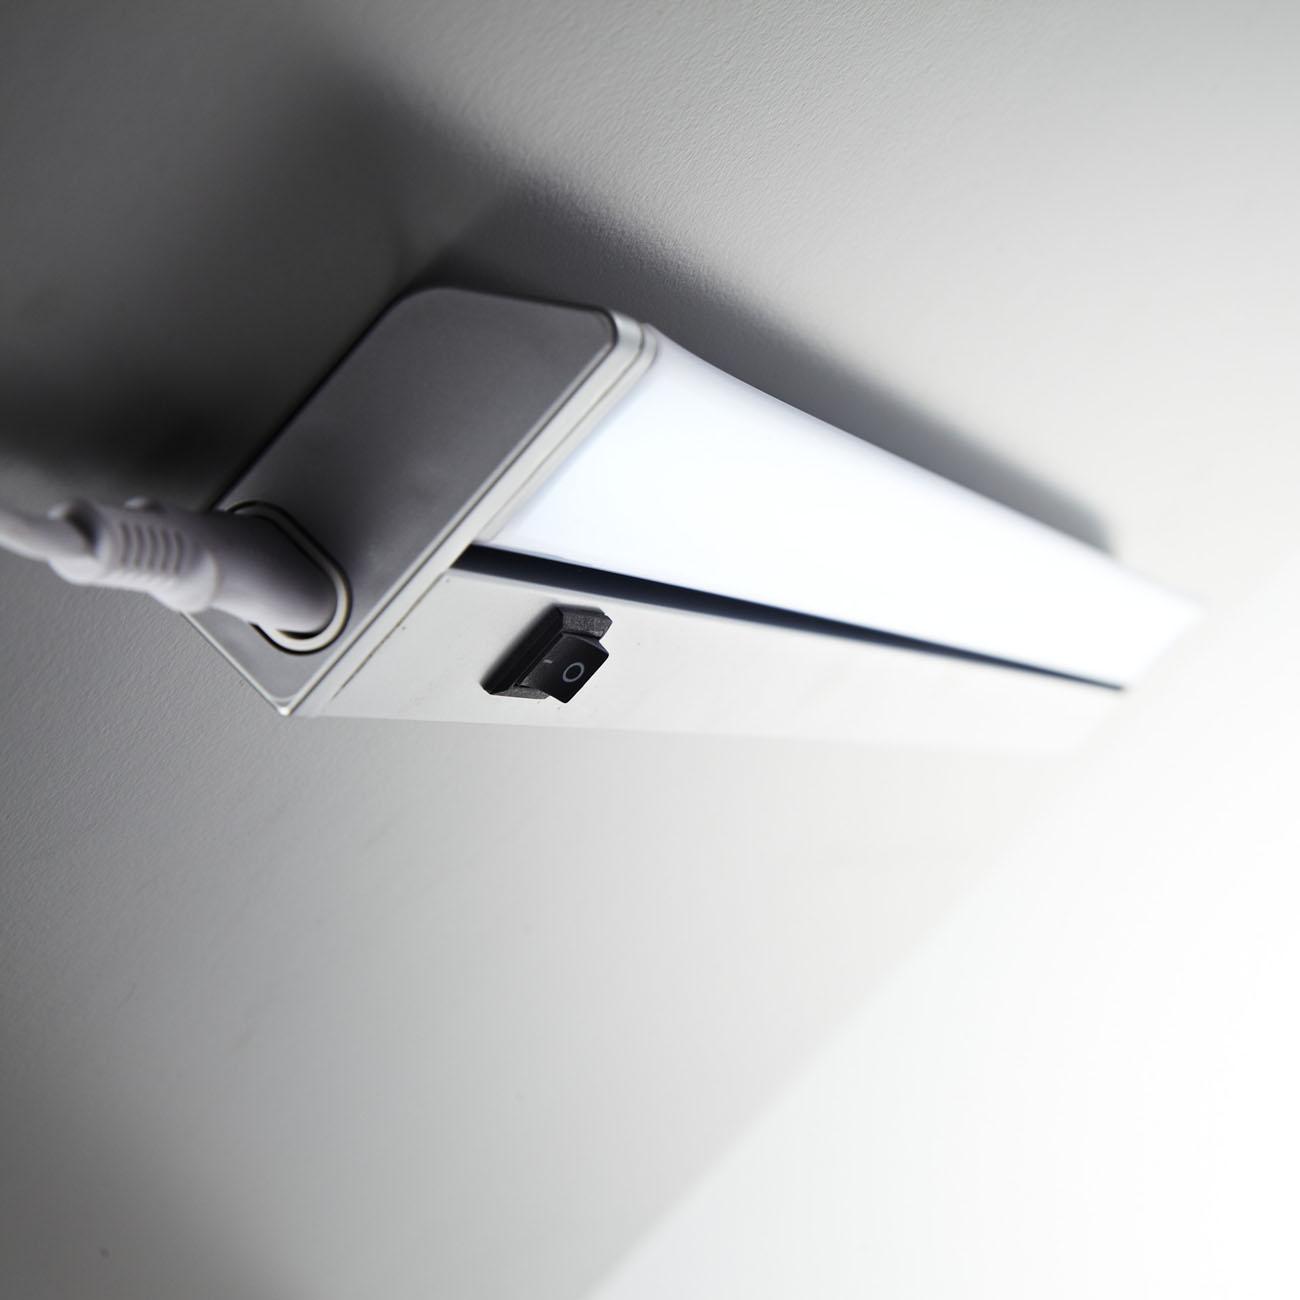 LED Schrankleuchte Unterbauleuchte silber-grau - 9